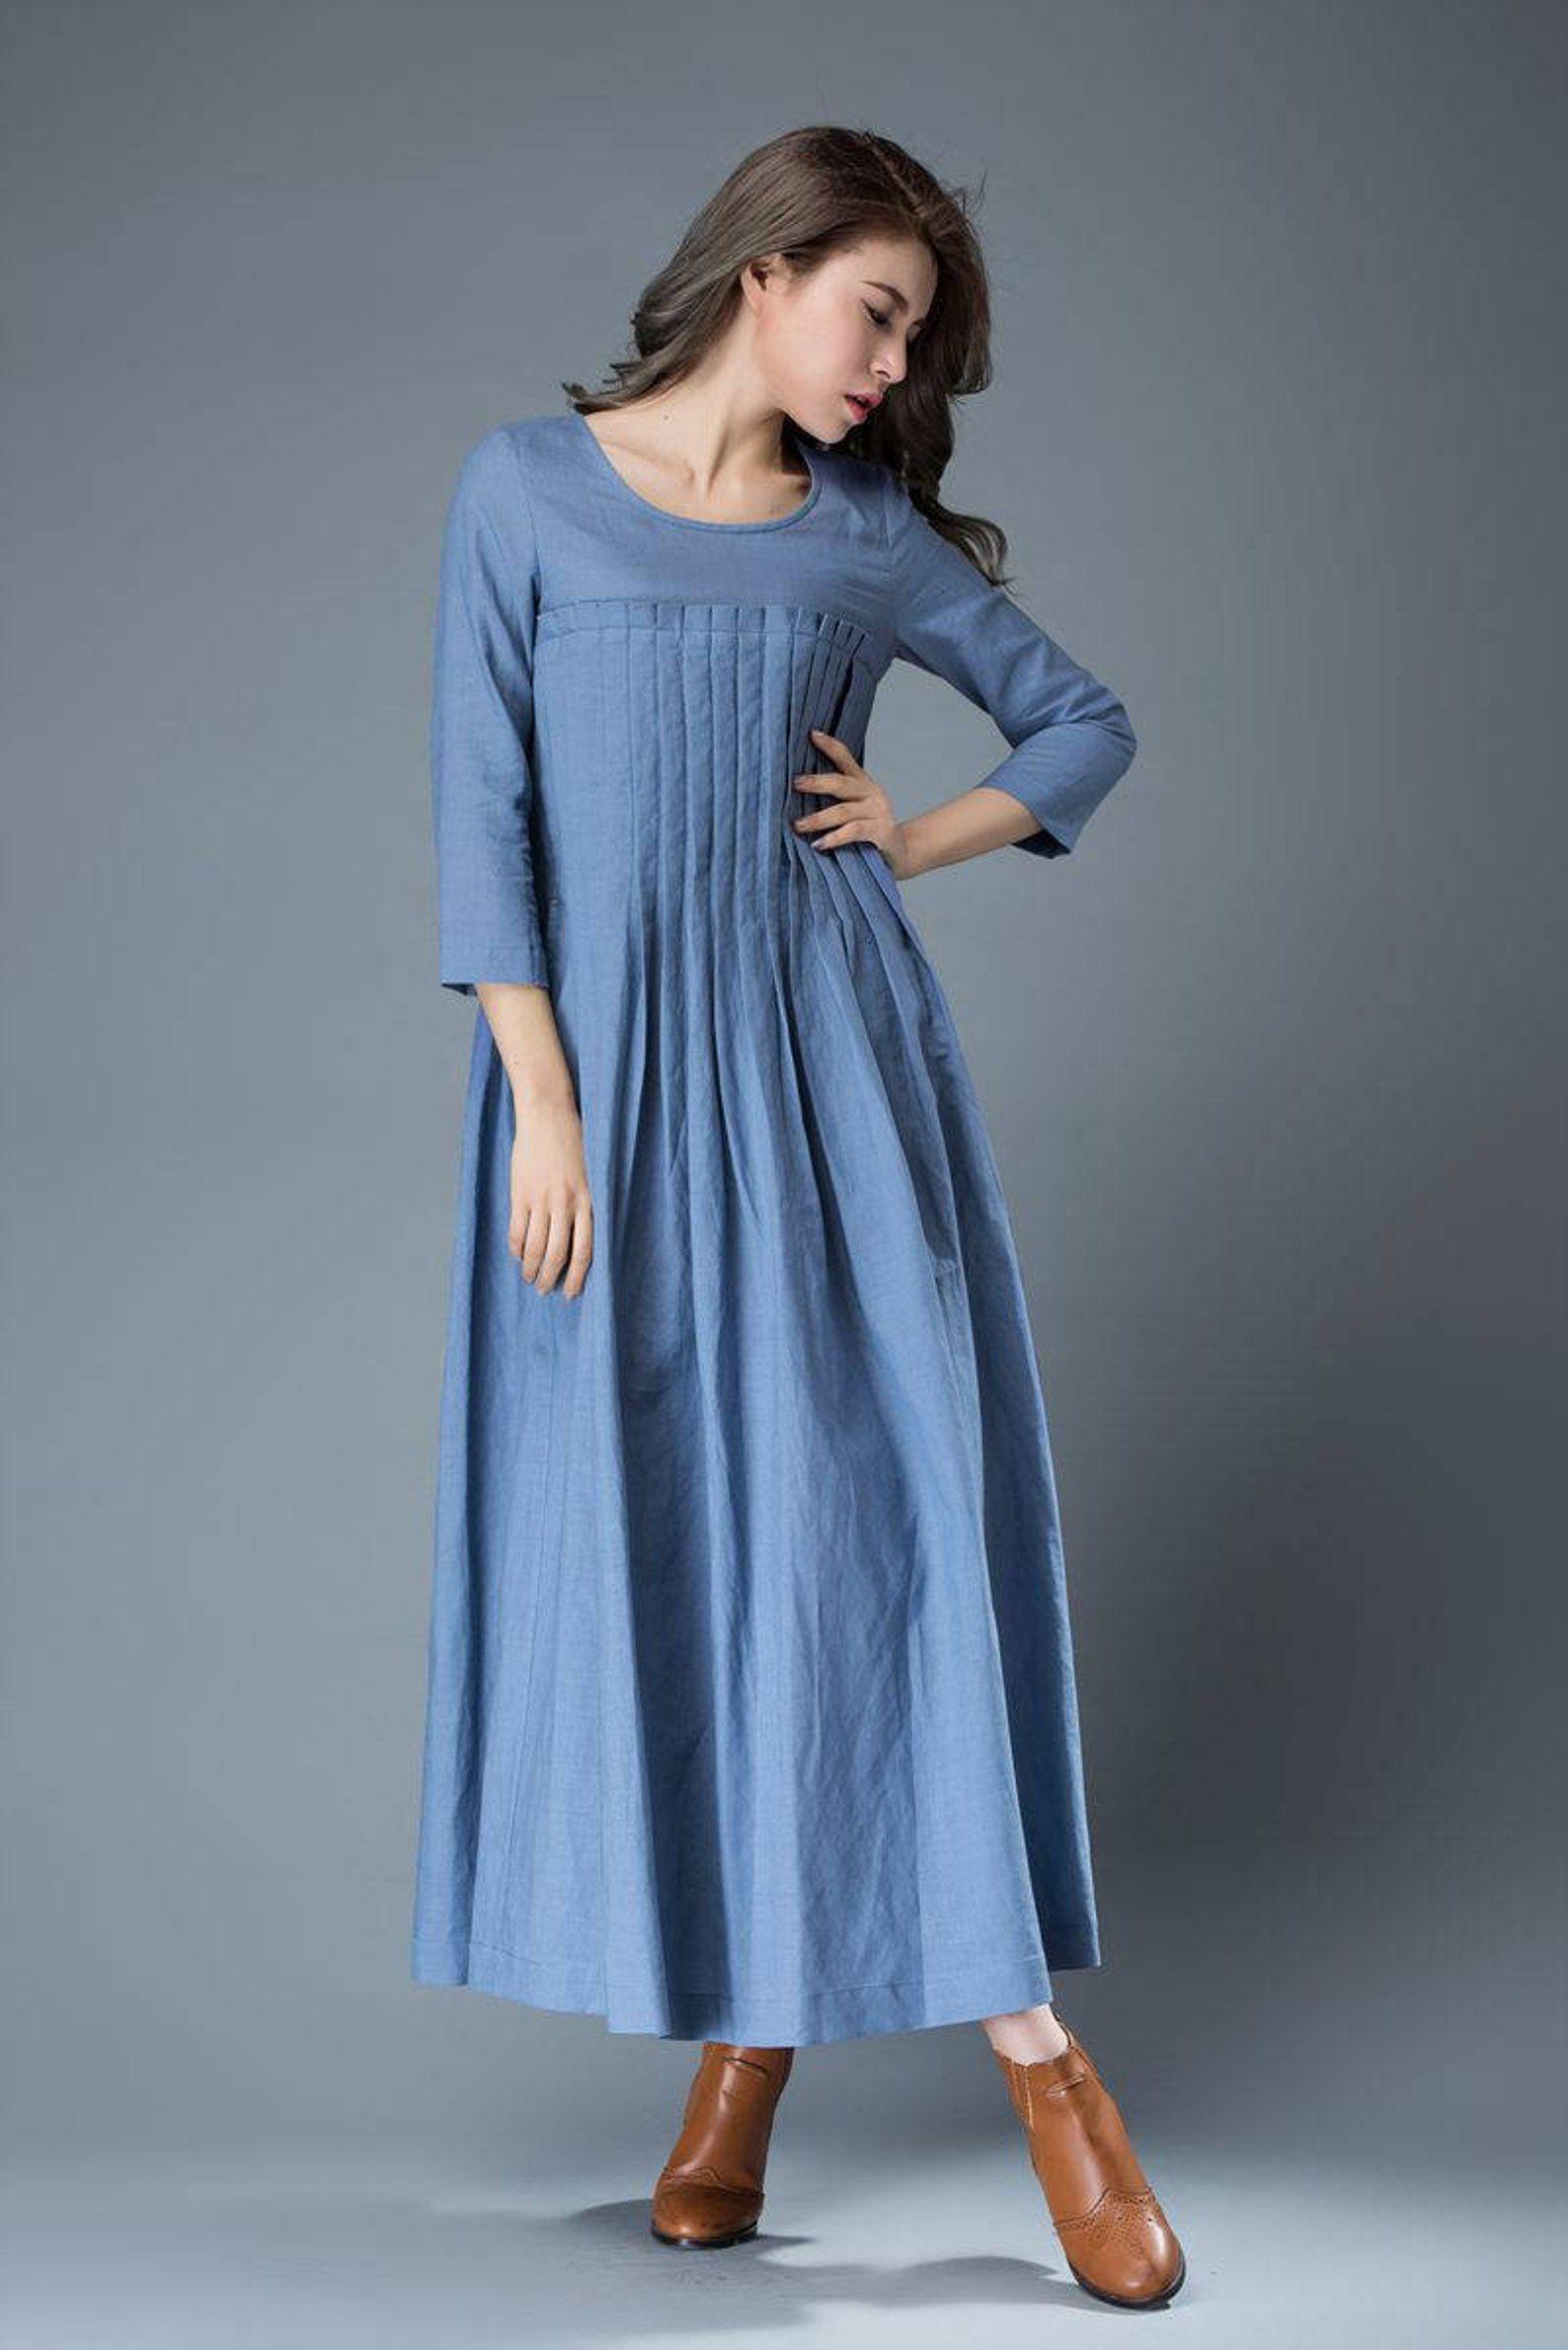 Linen Dress For Women Maxi Dress Pockets Linen Dress Long Etsy In 2020 Womens Dresses Maxi Dress Long Linen Dress